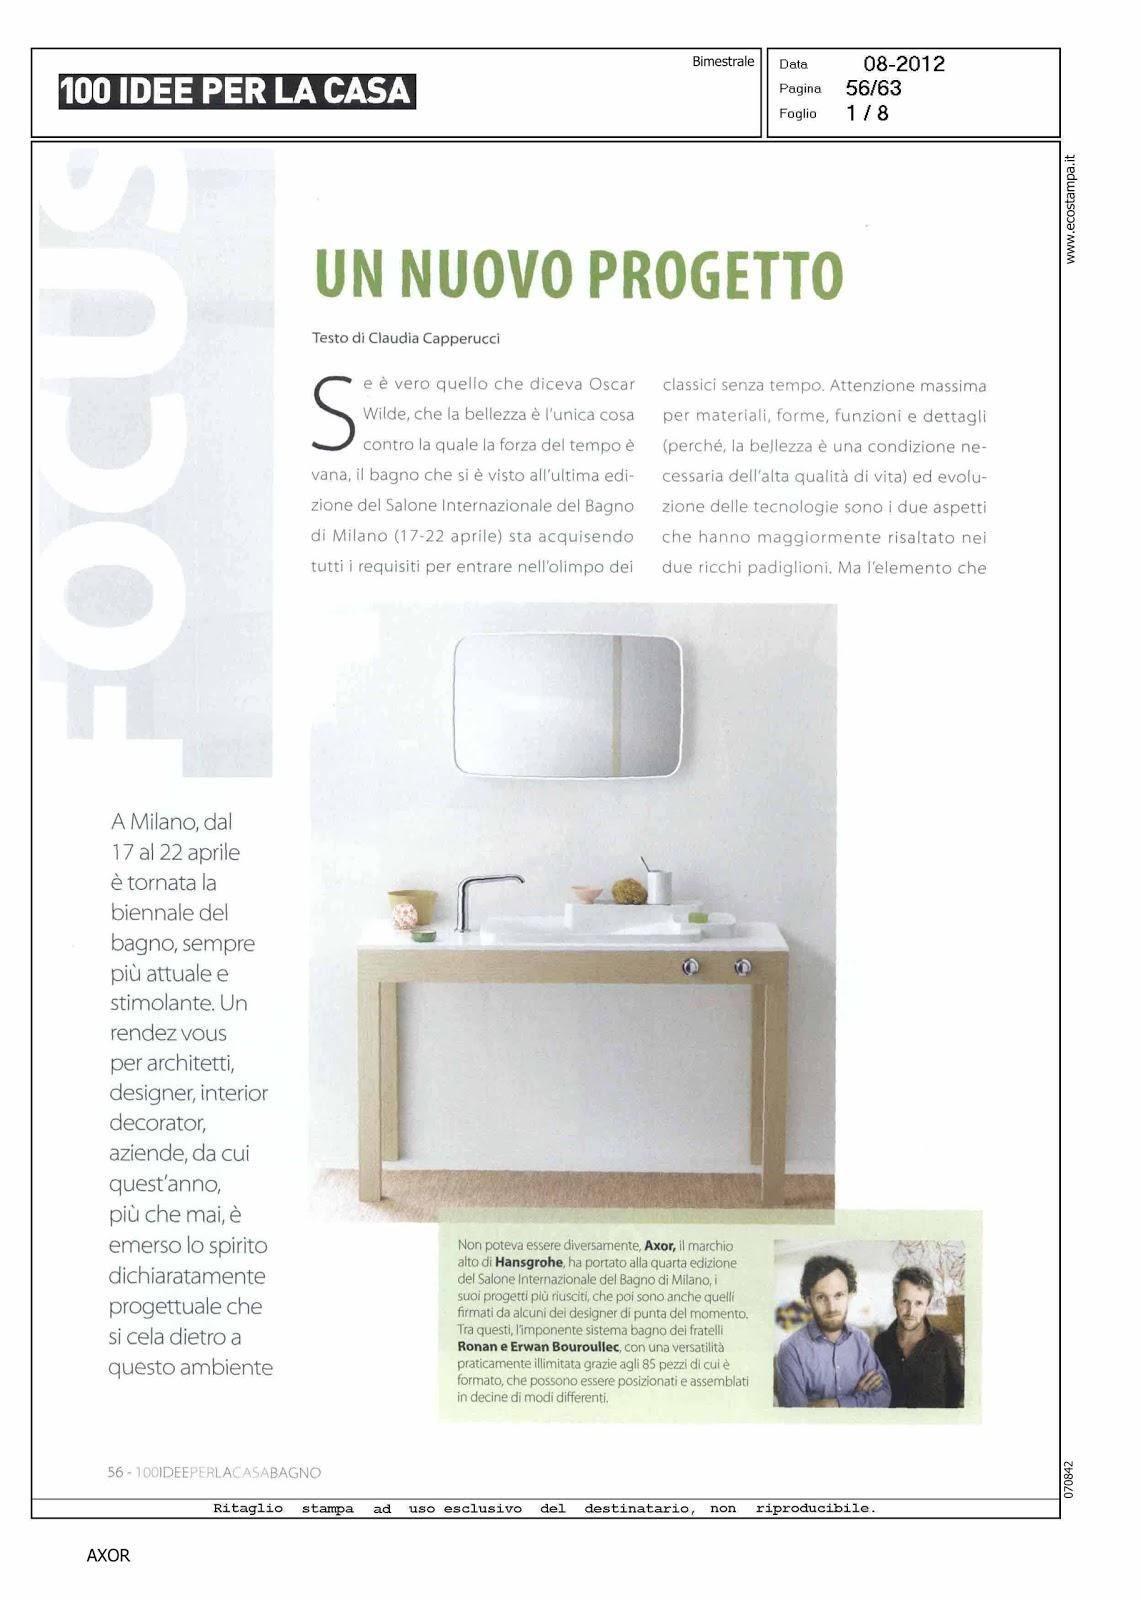 Rassegna stampa axor agosto 2012 - 100 idee per la casa ...